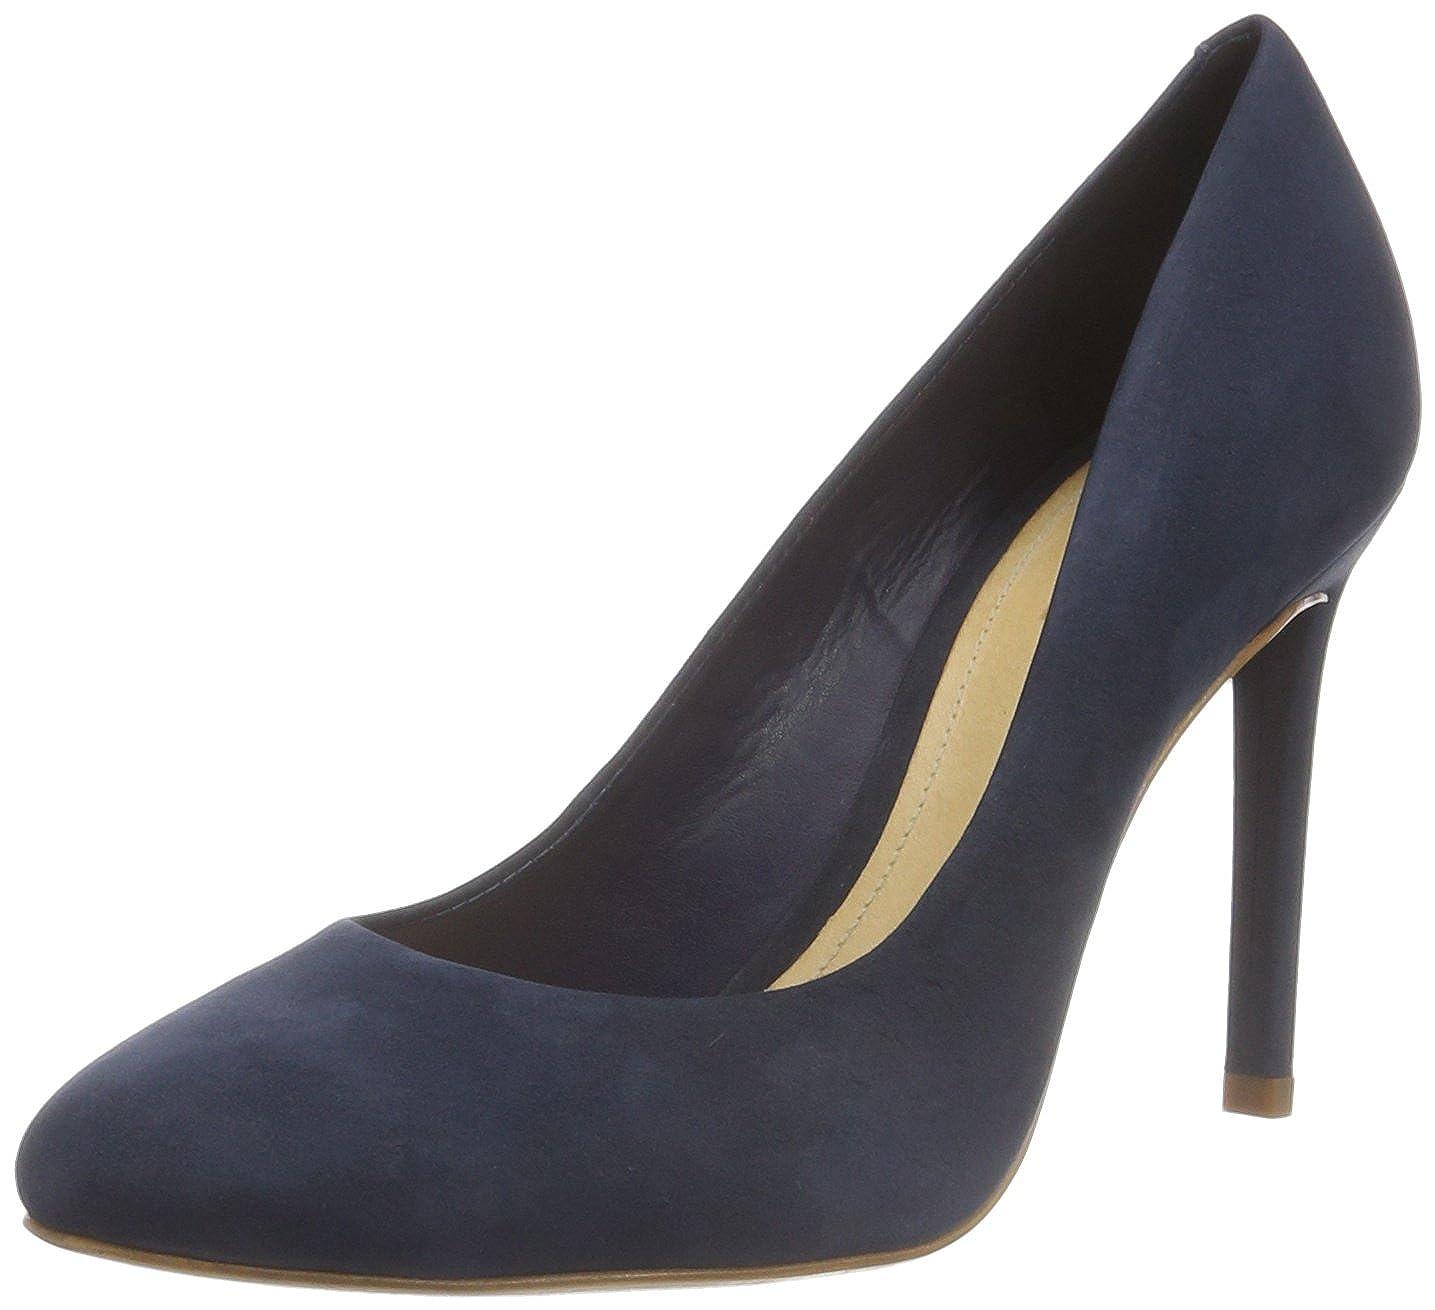 Scarpin, Escarpins Femme - Bleu - Blau (Sailfish), 39